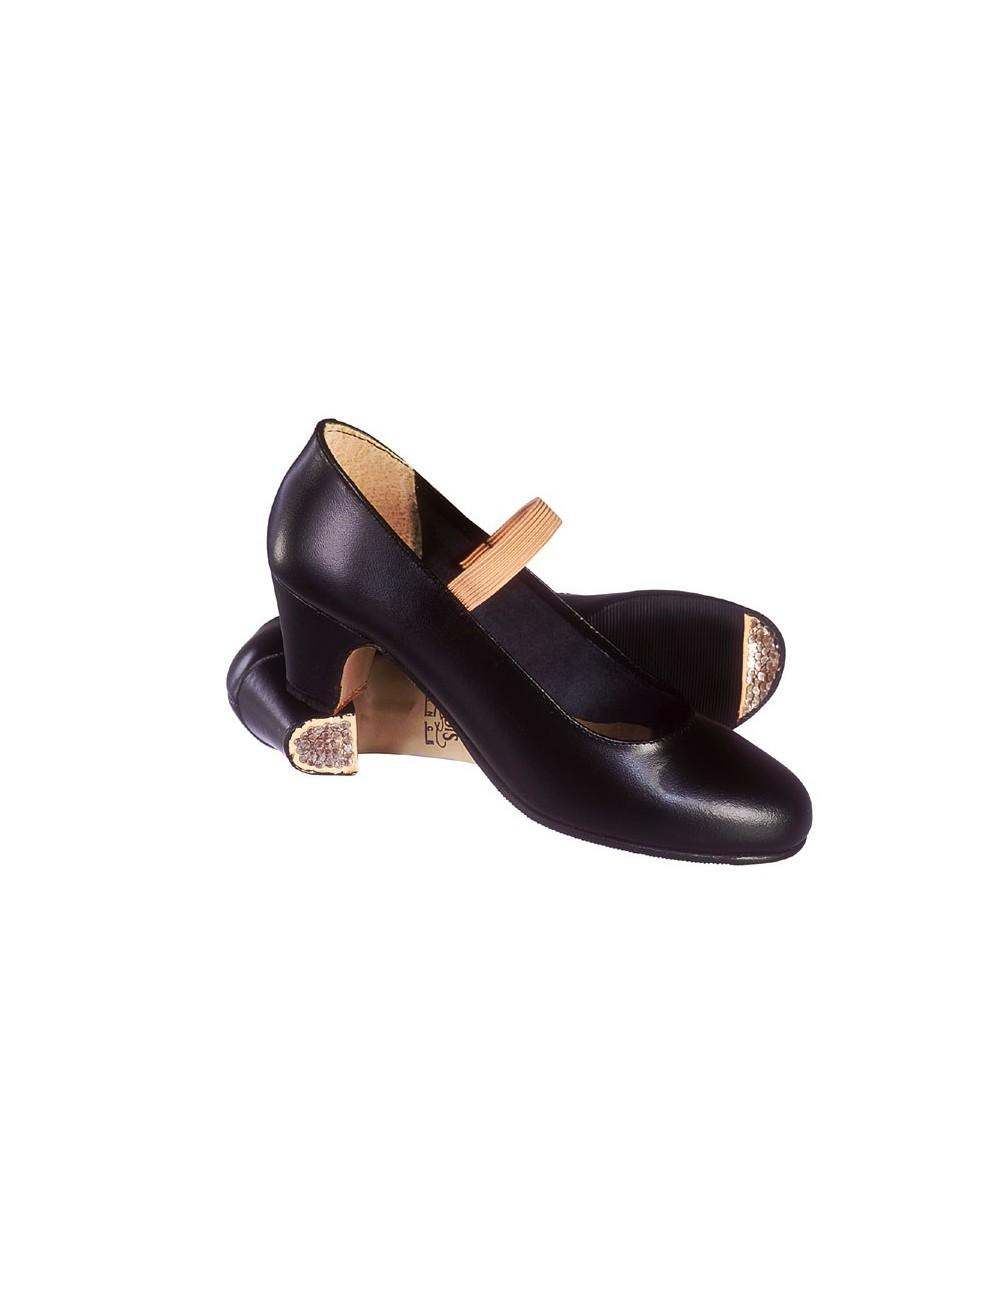 Chaussures Gladis avec bride élastique